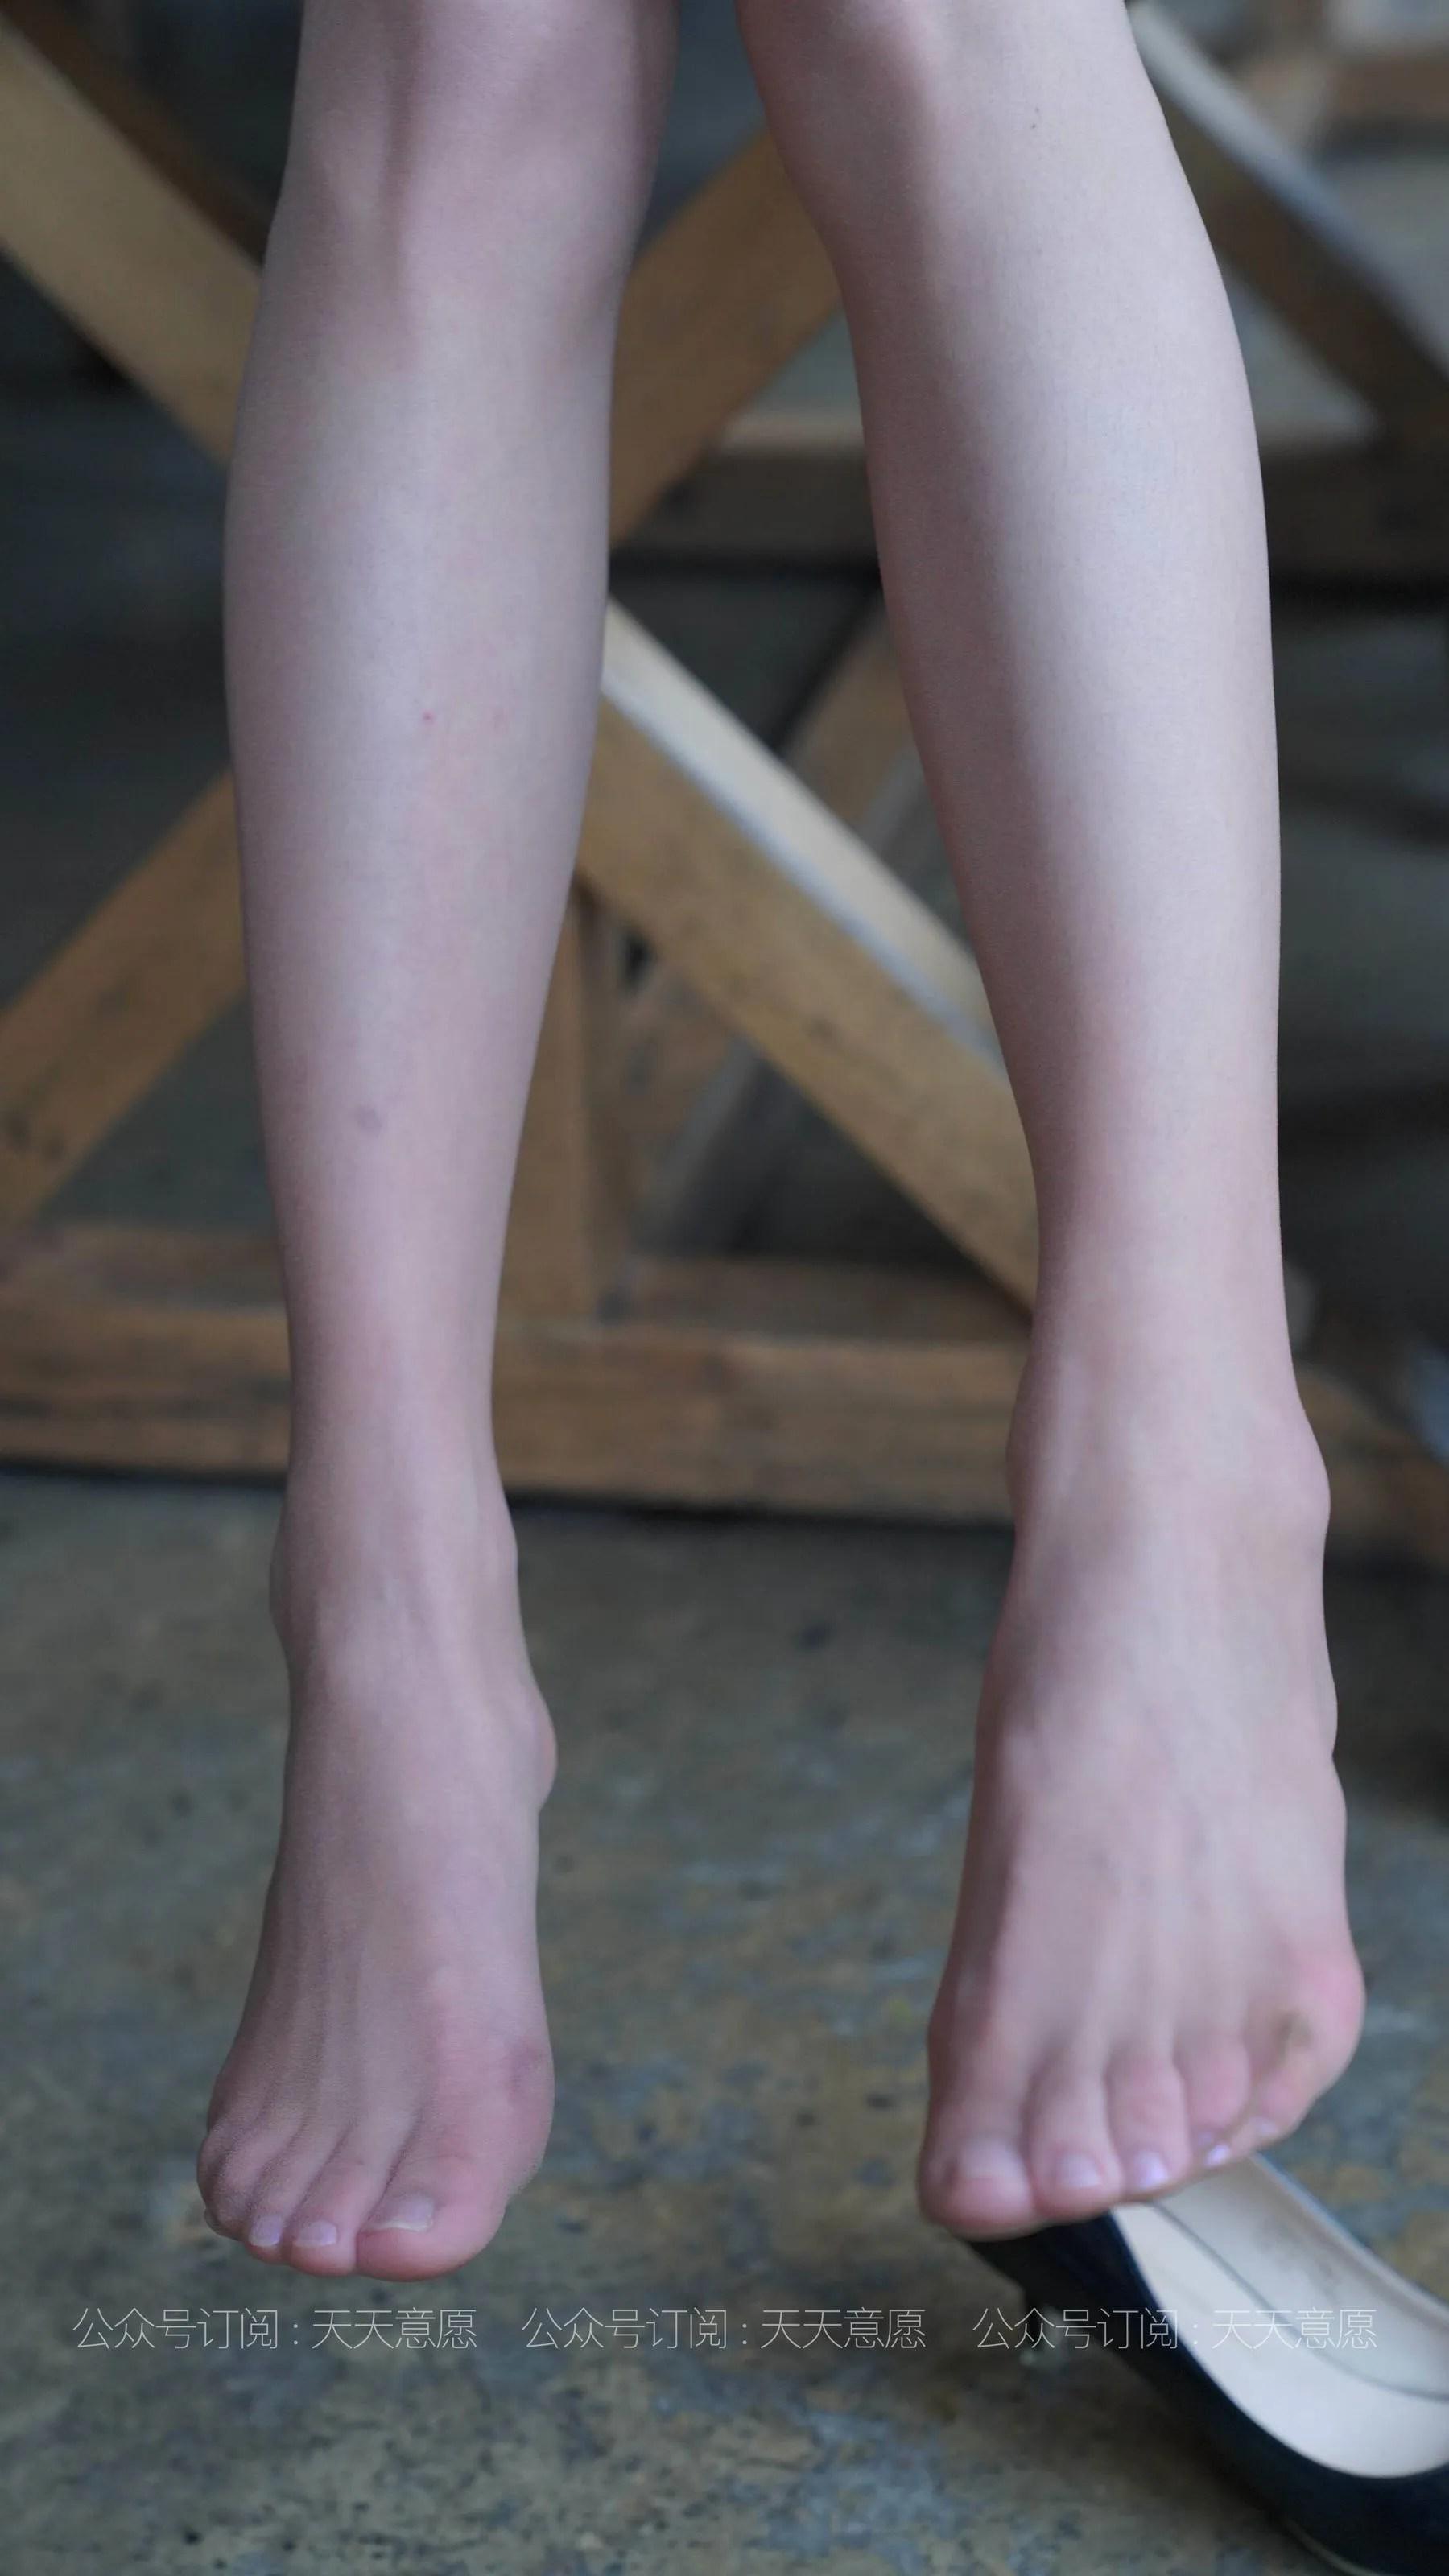 [IESS] 丝享家 766 小六《蓝色套装展示》 丝袜美腿写真[73P]插图(9)